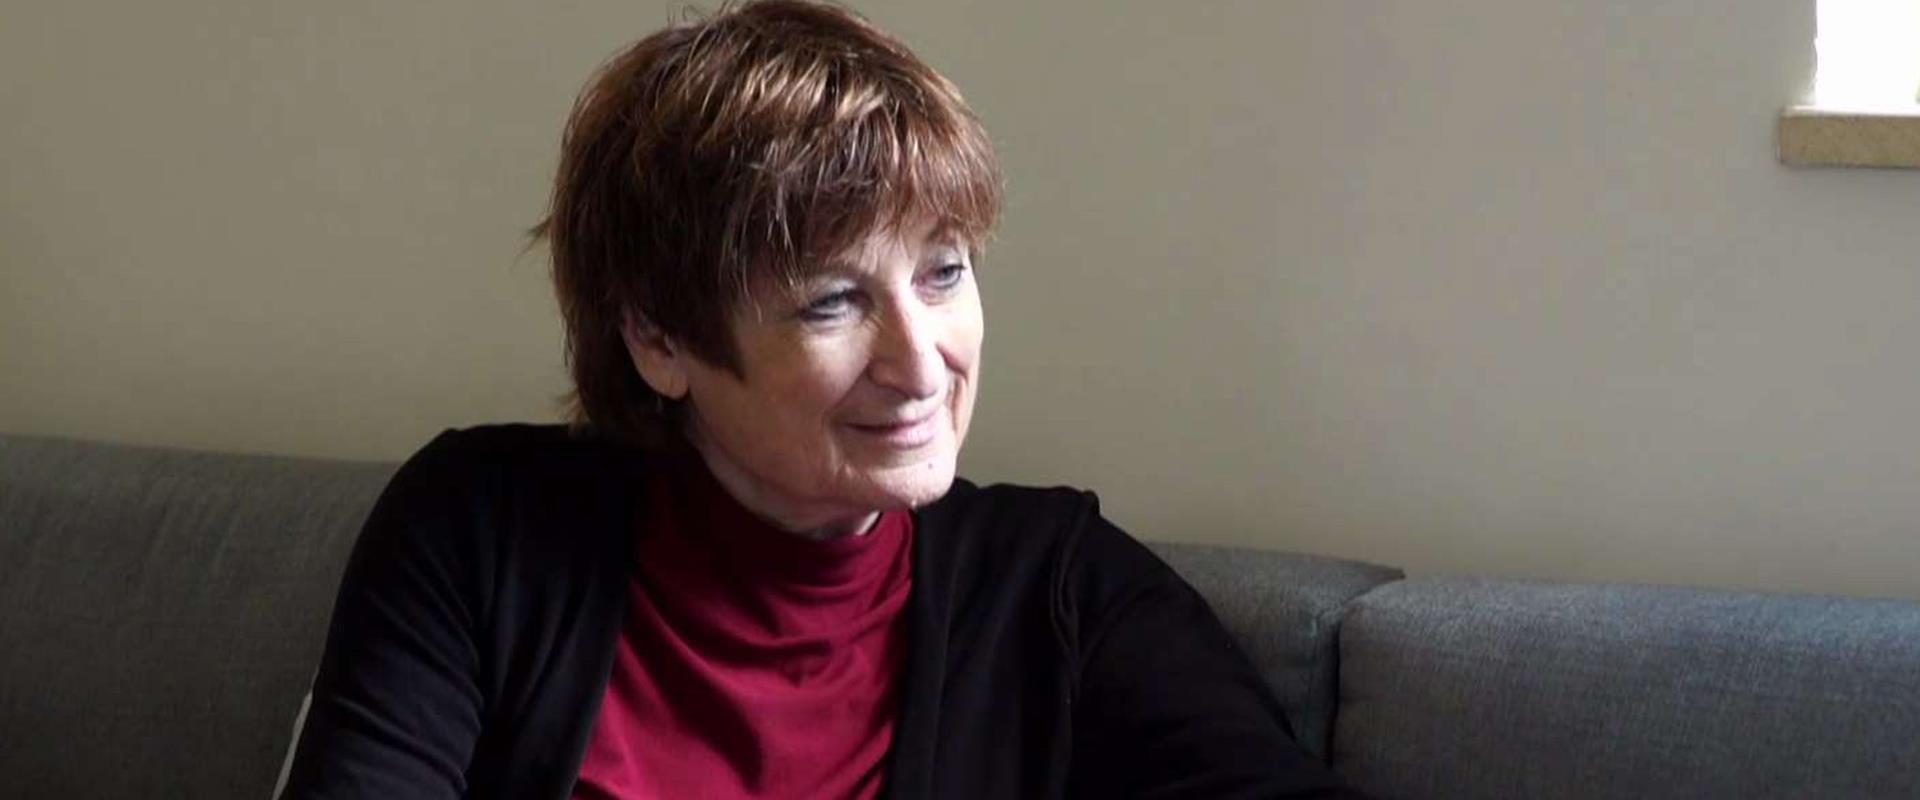 גלילה רון פדר עמית חוגגת 70 וממשיכה לרגש ילדים